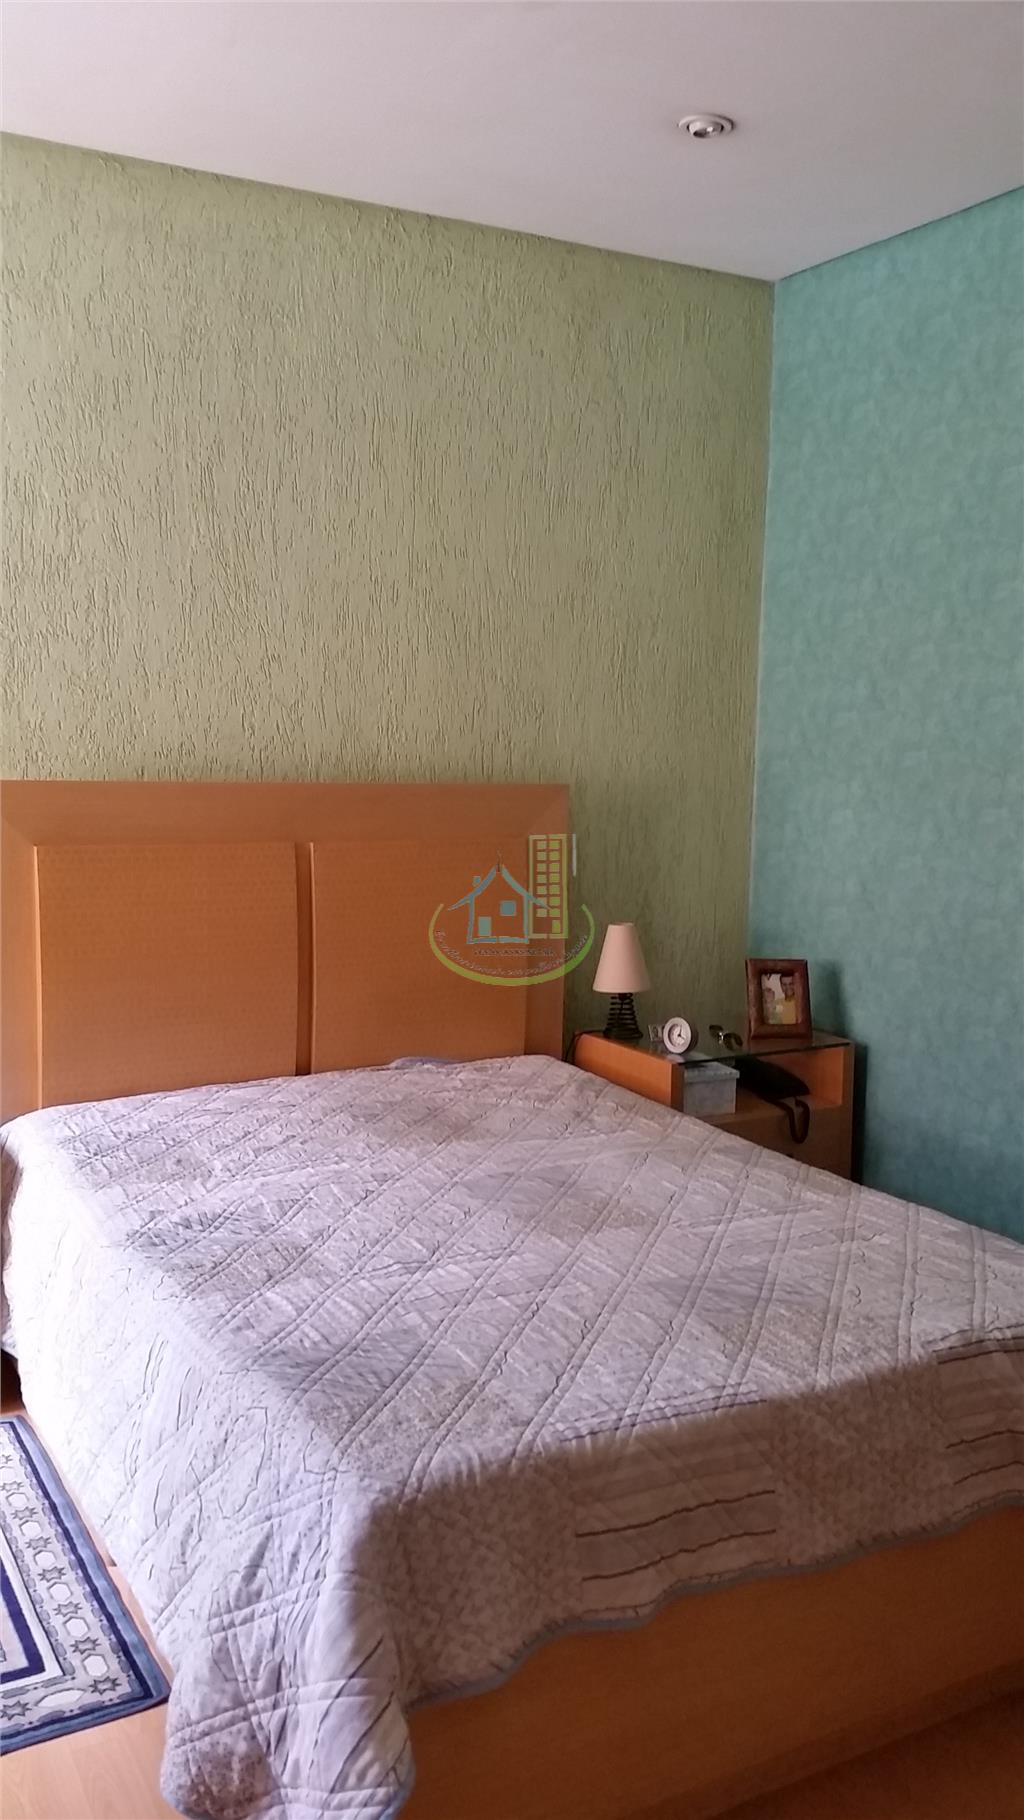 Sobrado de 3 dormitórios à venda em Jardim Prudência, São Paulo - SP